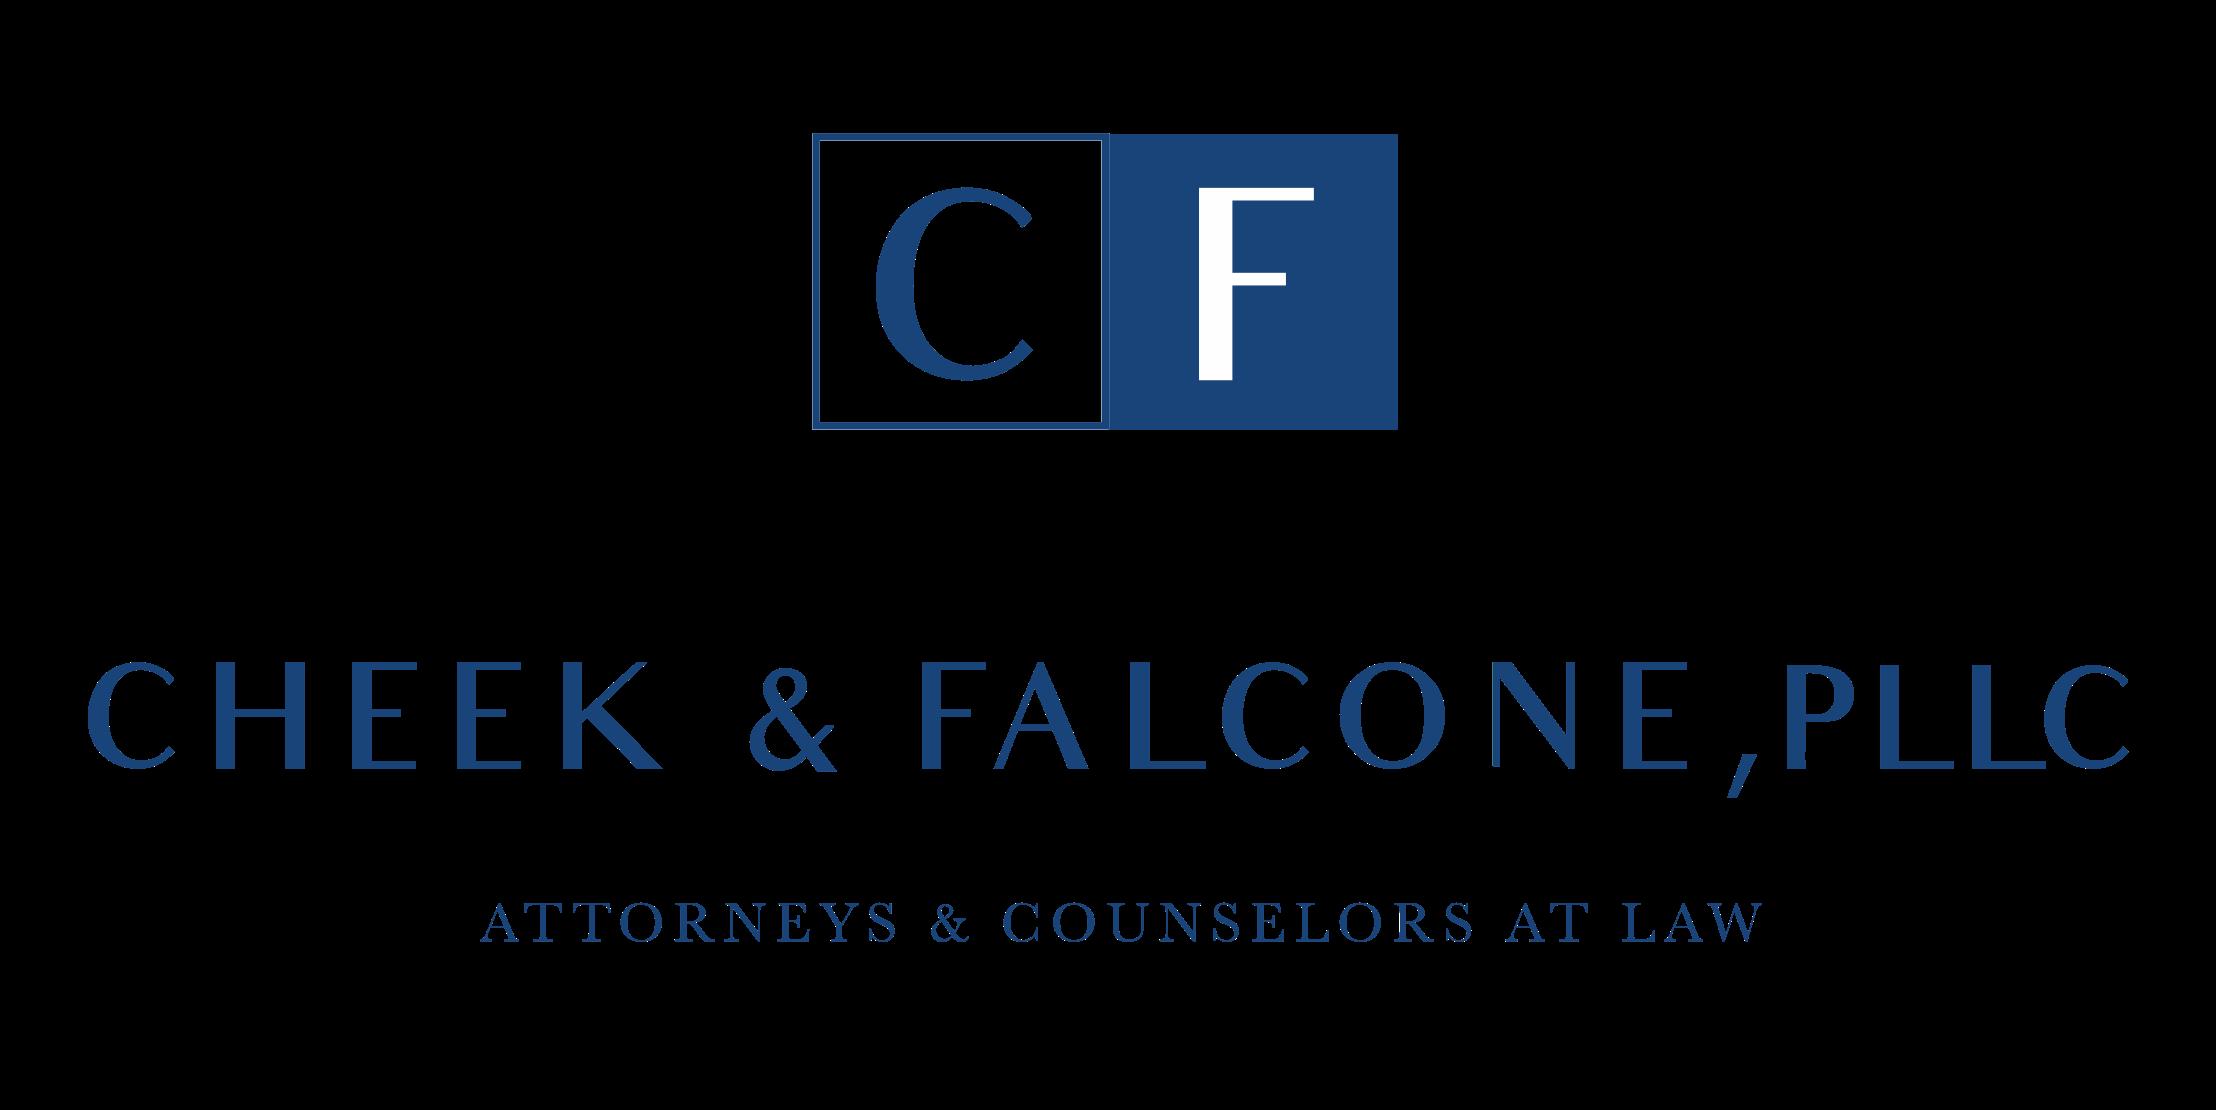 Cheek & Falcone, PLLC